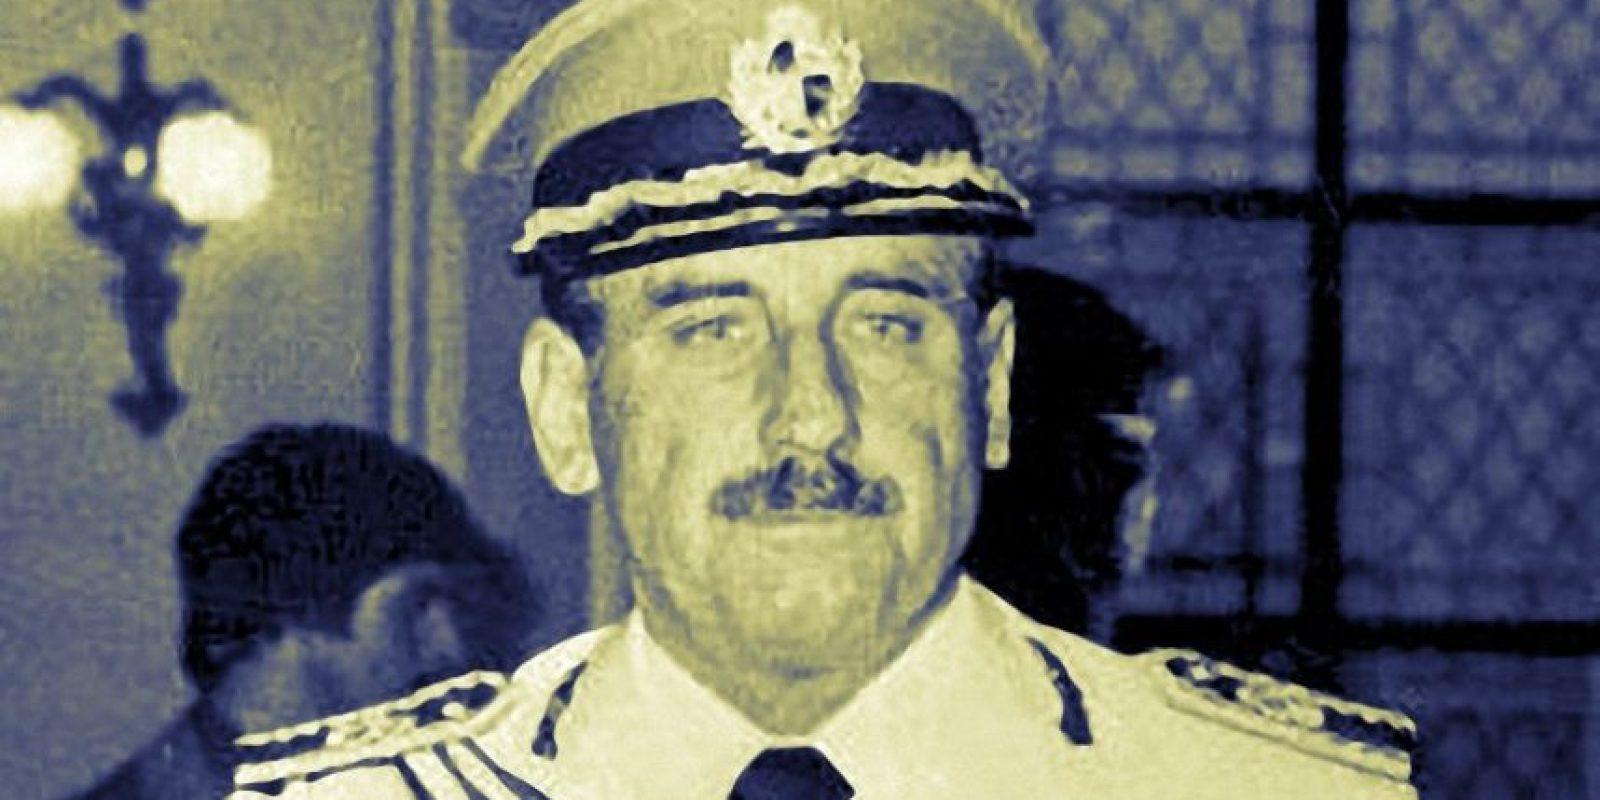 Fue procesado y condenado por violaciones a derechos humanos en el país. Estuvo en el poder entre 1981 y 1985. Foto:Wikimedia.org